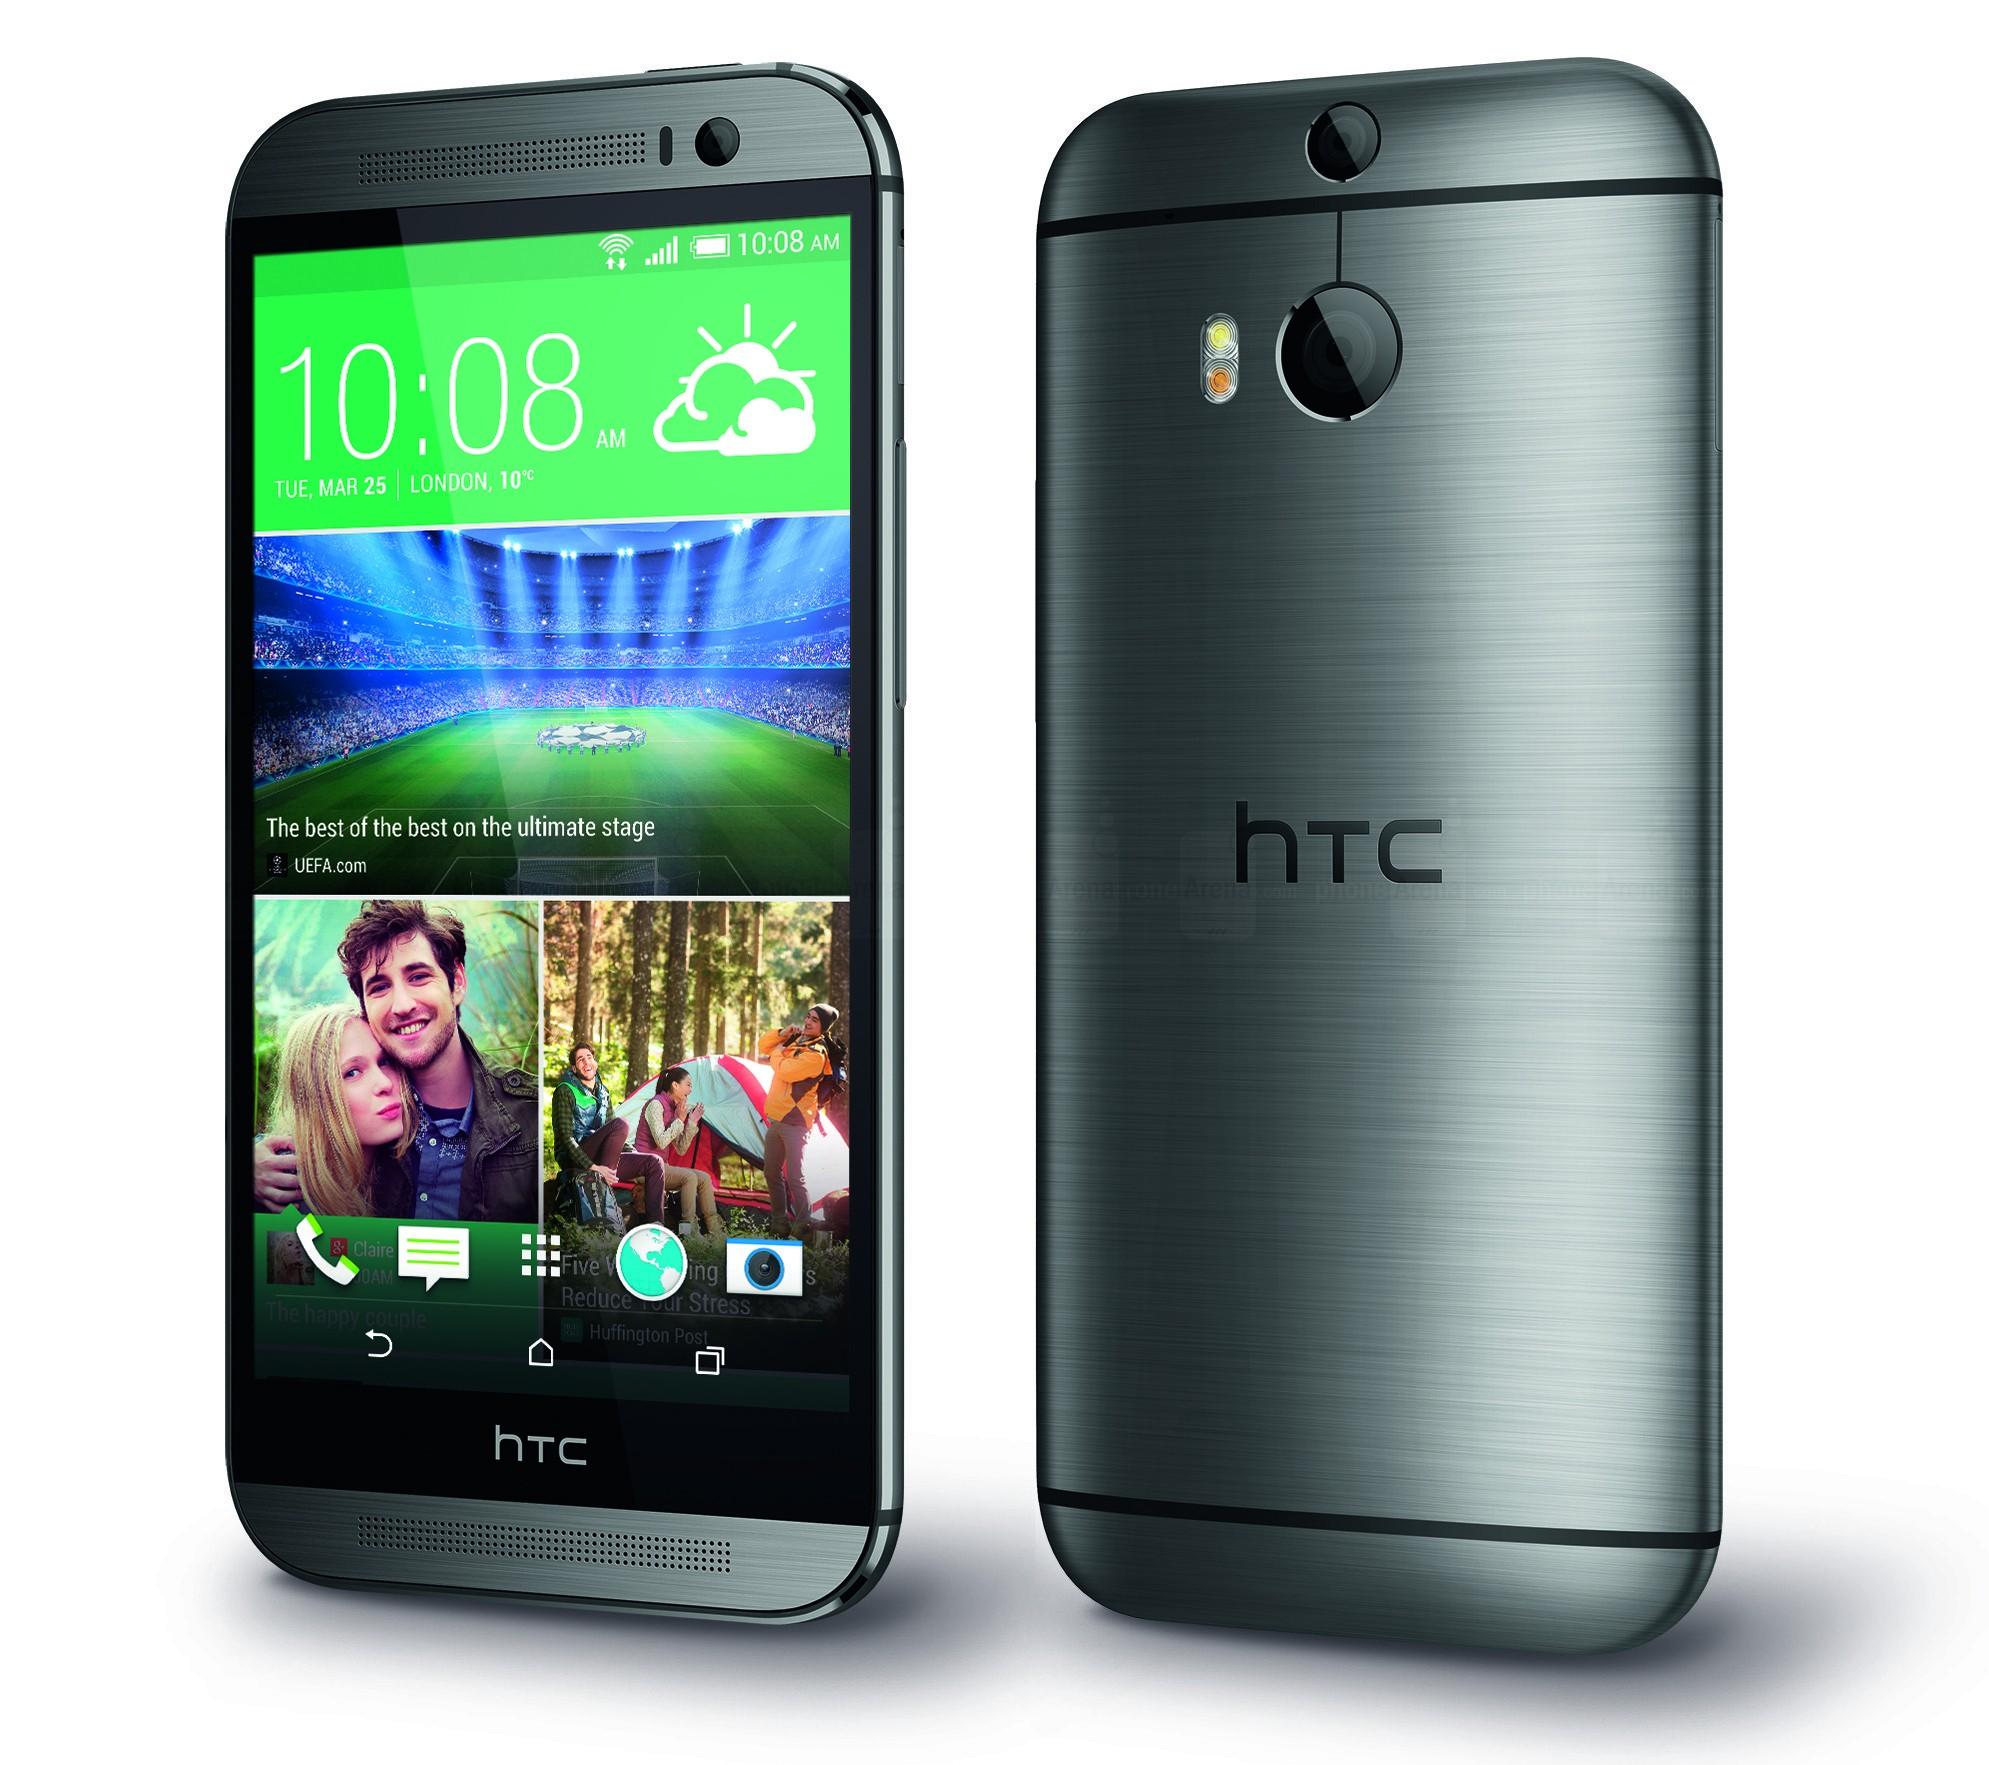 HTC One (M8) kopen vanaf vandaag mogelijk in Nederland